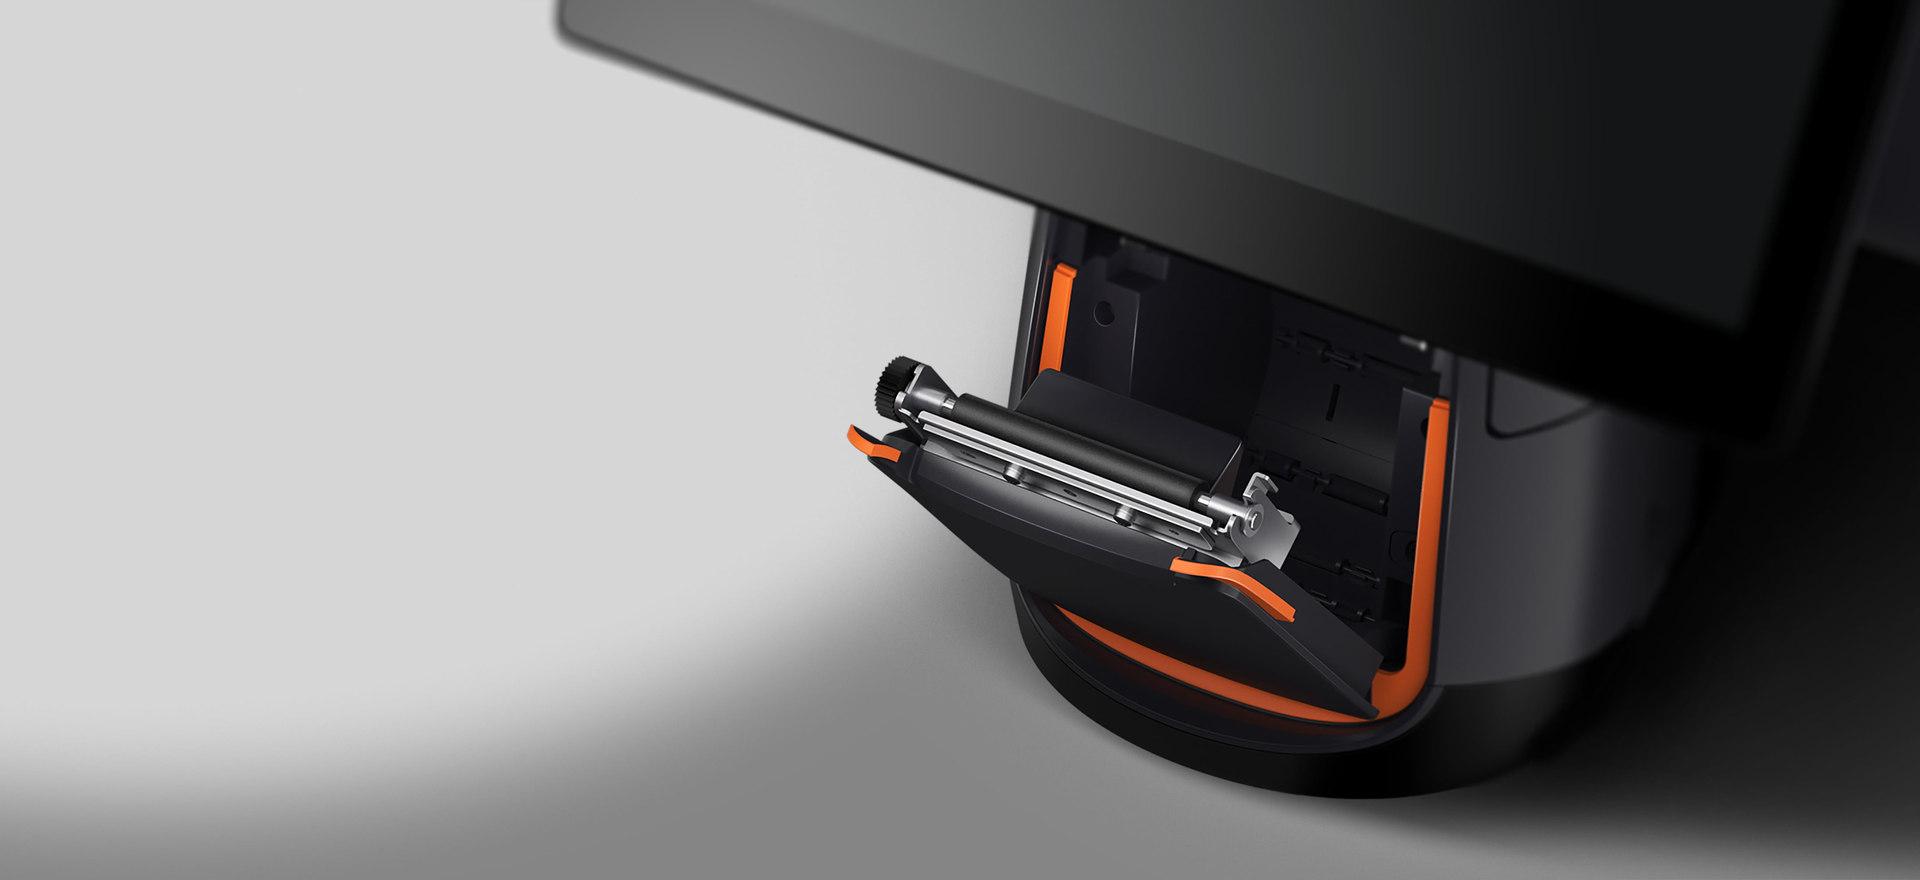 Integrierter Bondrucker